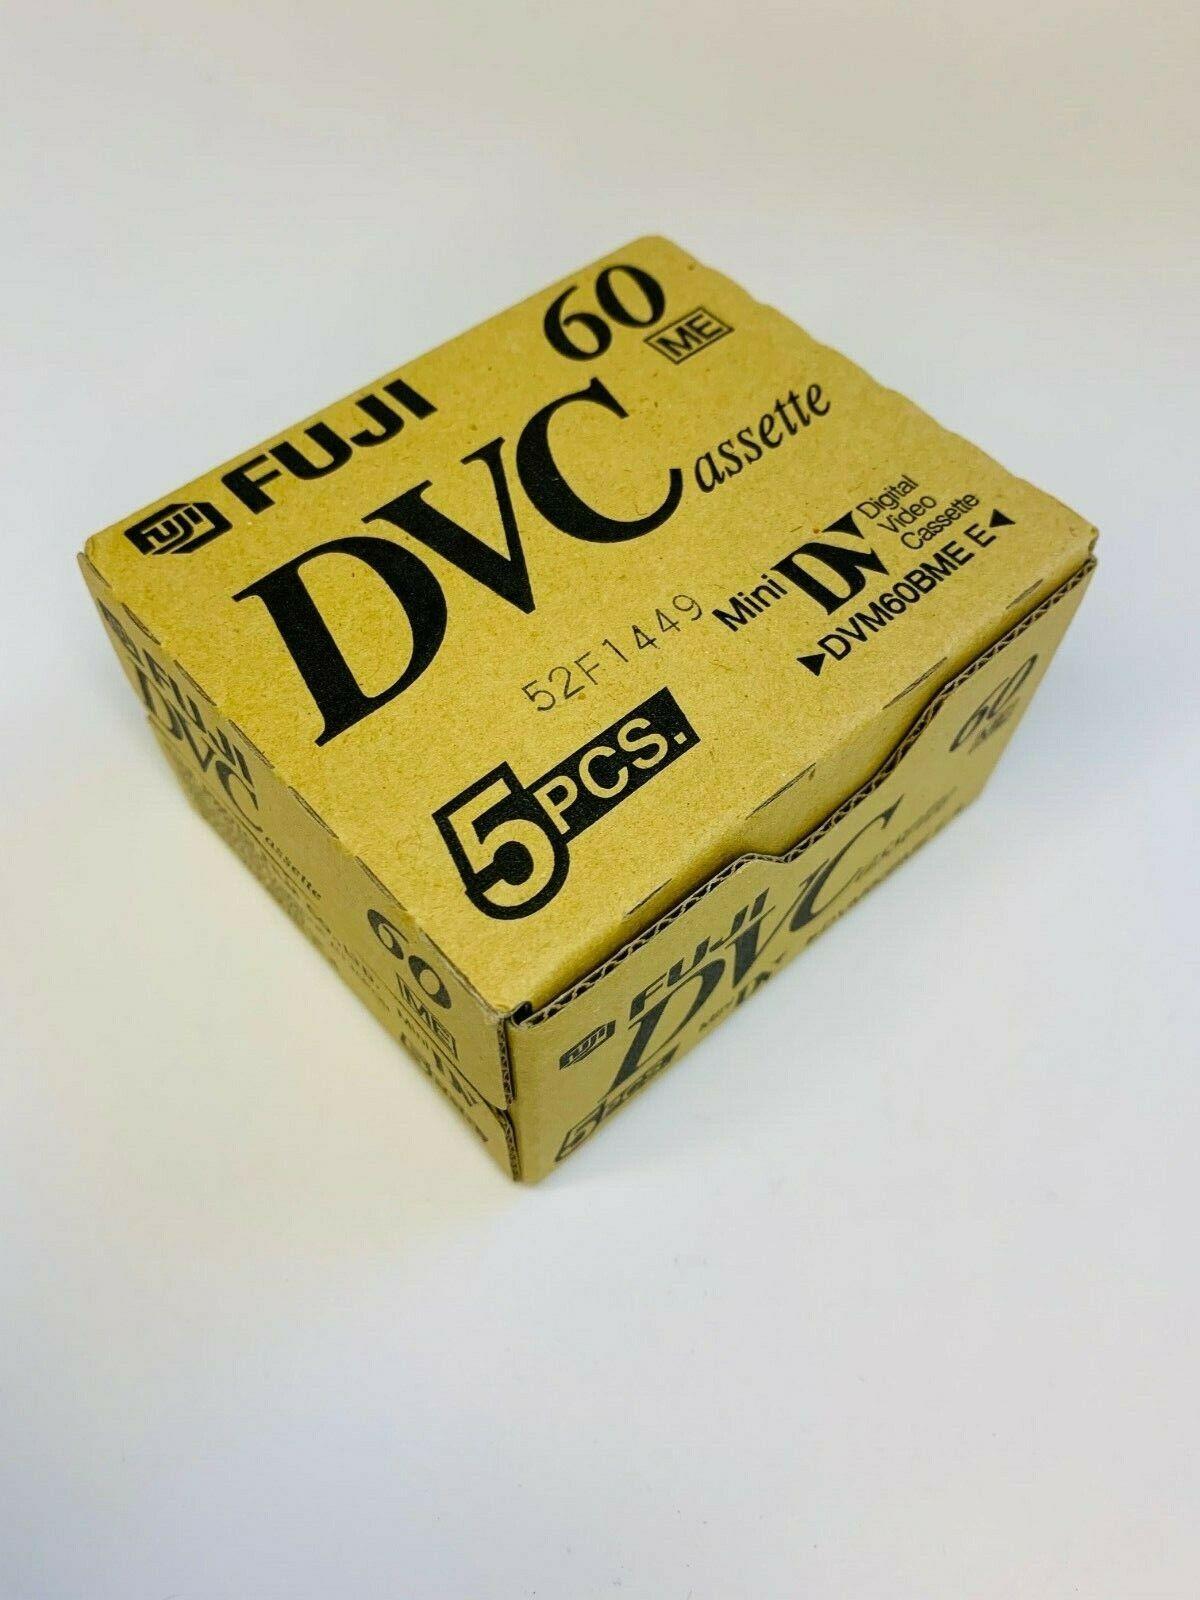 Box of 5 Fuji DVM60BME Mini DV Tapes - New & sealed